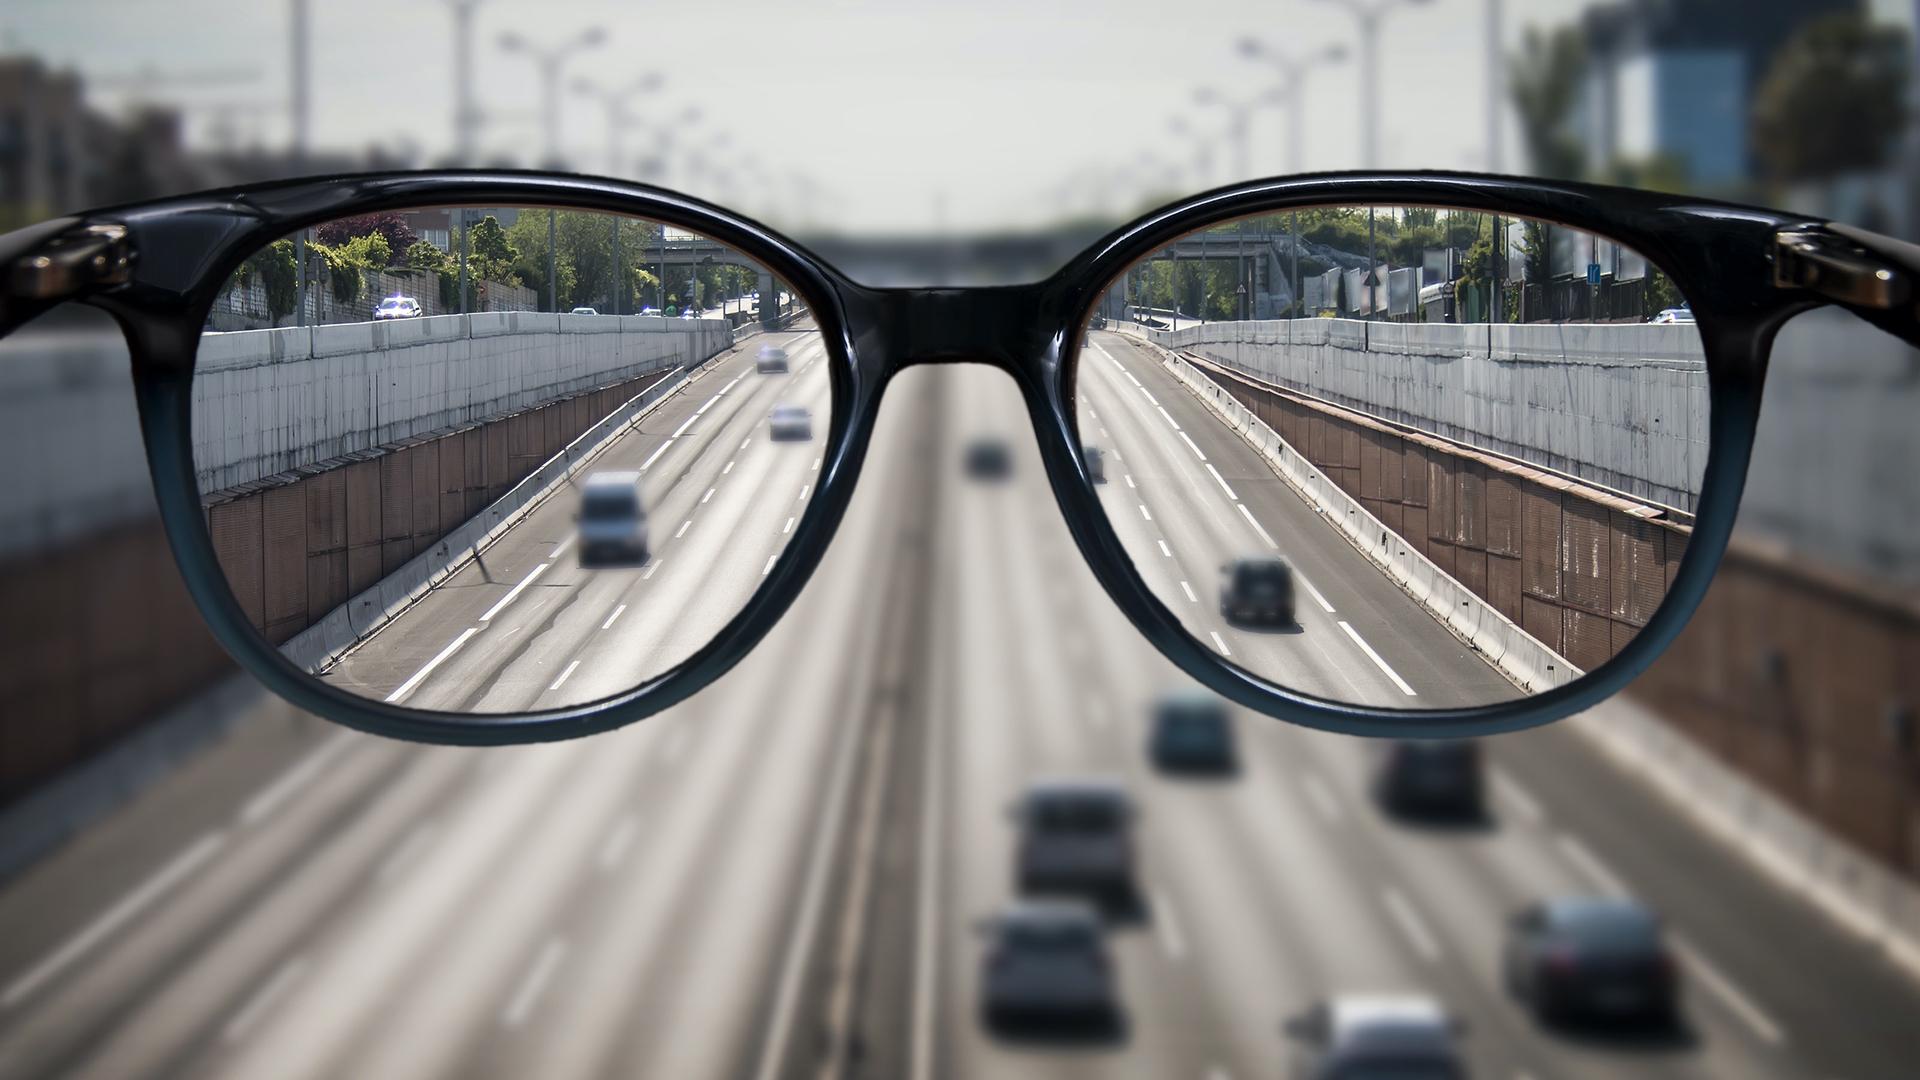 Driver eye test not fir for purpose